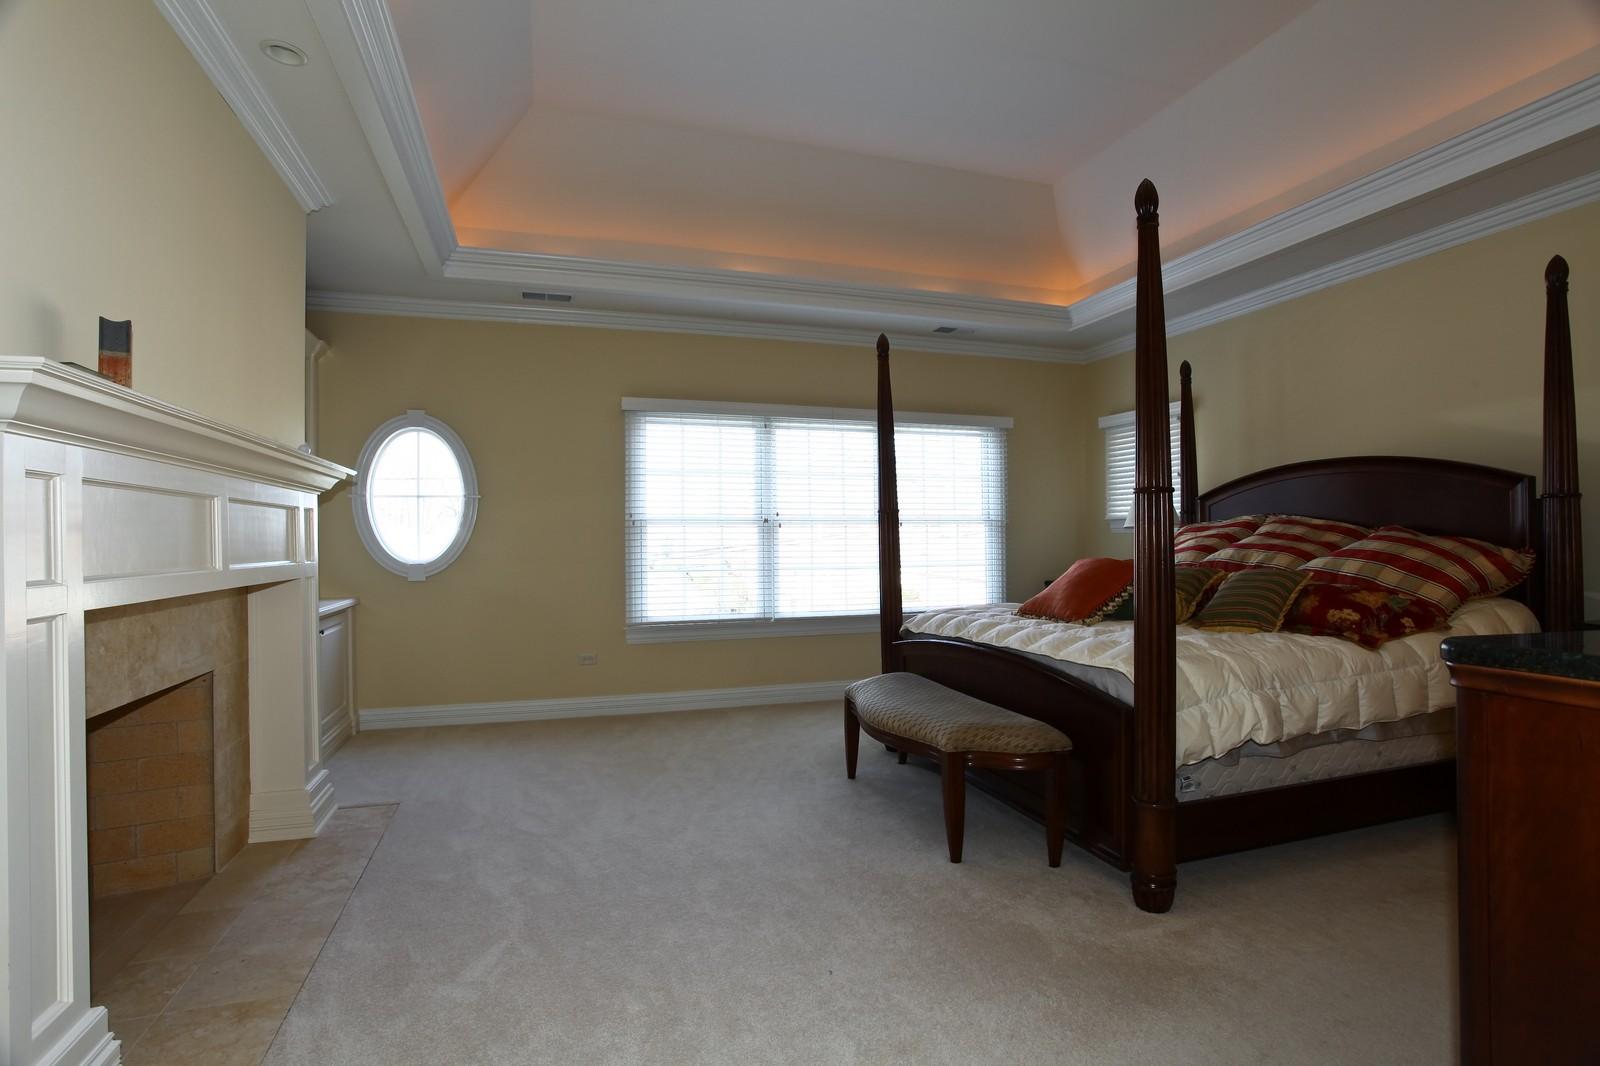 Real Estate Photography - 663 N Webster Street, Naperville, IL, 60563 - Master Bedroom